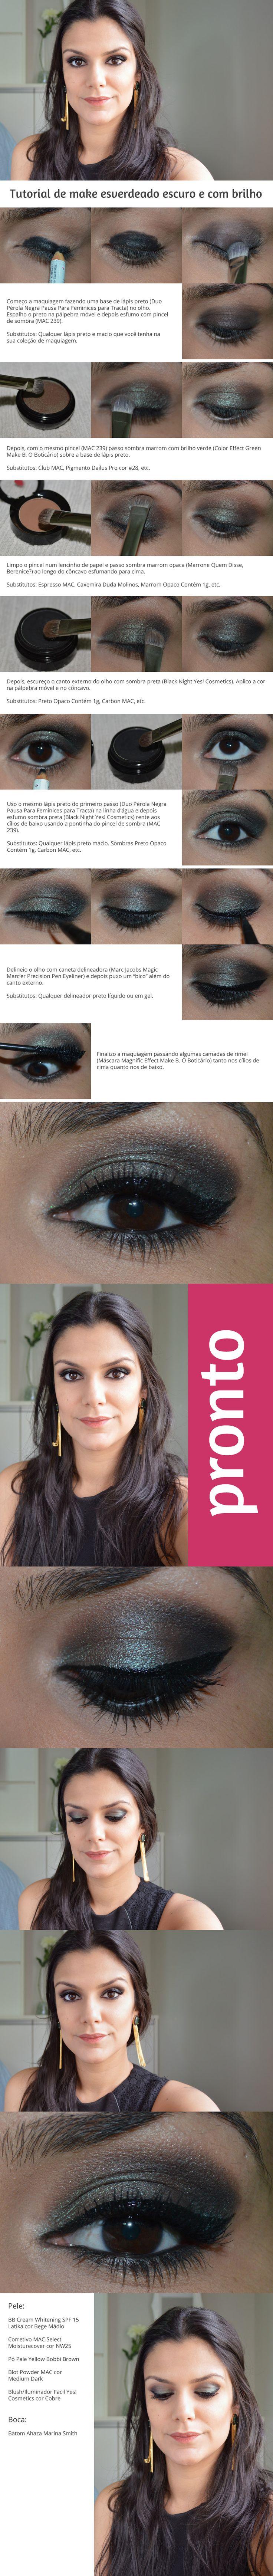 Tutorial: Esverdeado escuro e cintilante http://www.2beauty.com.br/blog/2014/09/12/tutorial-esverdeado-escuro-e-cintilante/ #tutorial #maquiagem